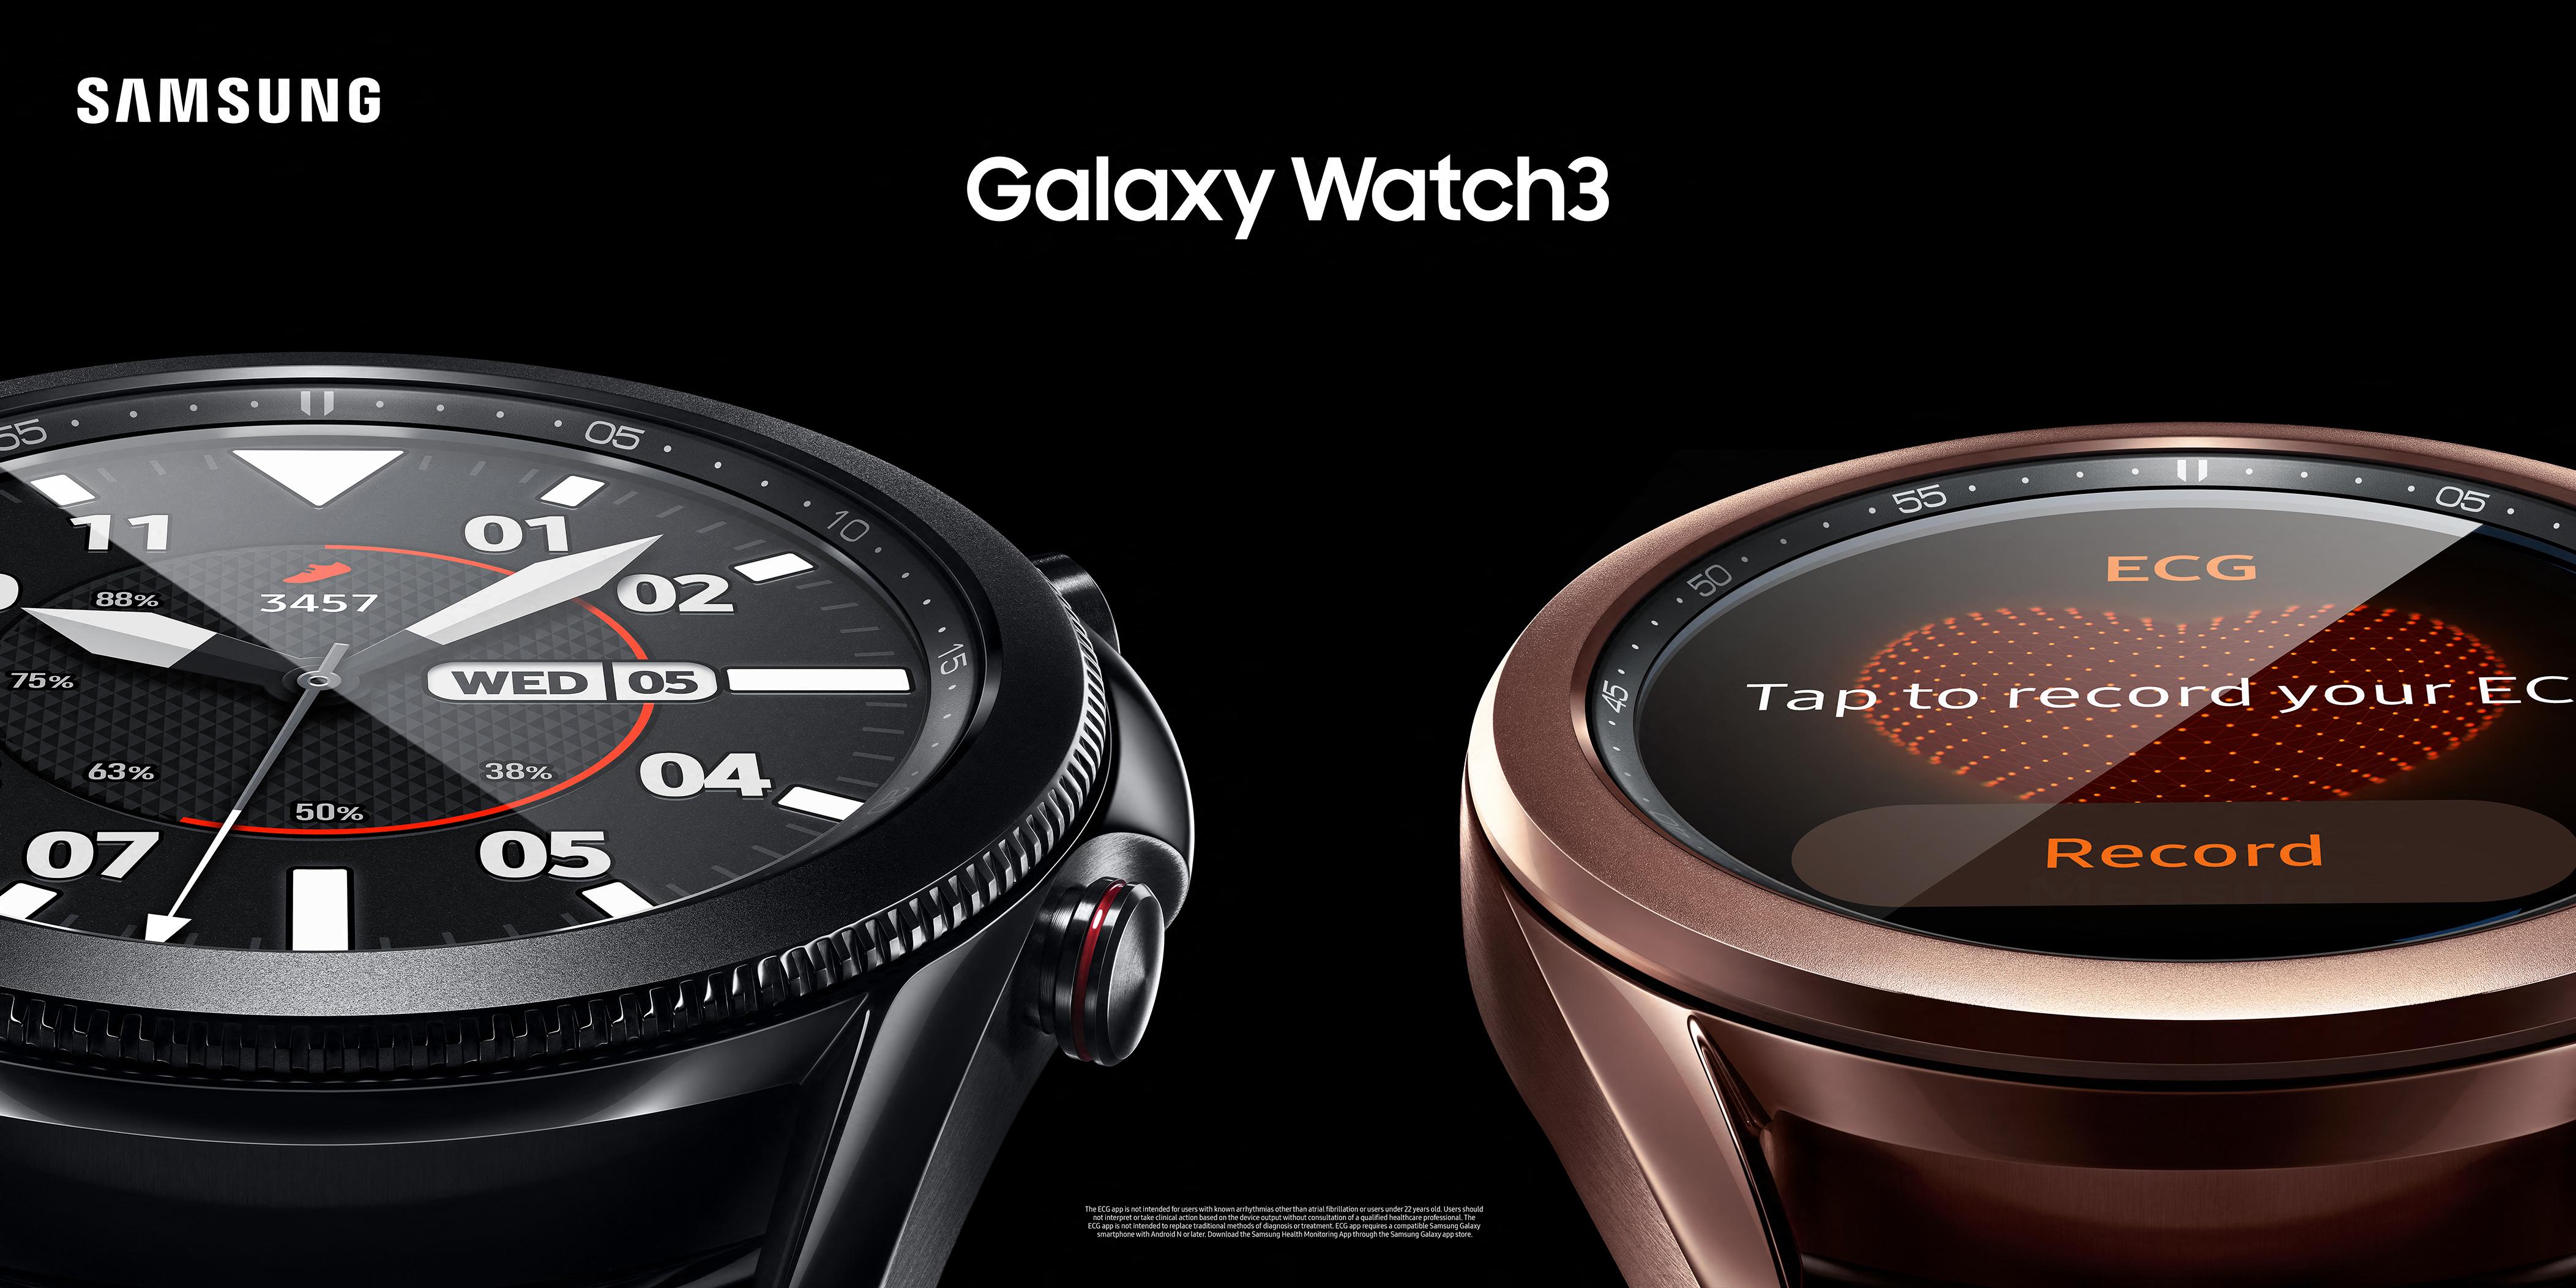 Galaxy Watch3 - Active2 - ECG App